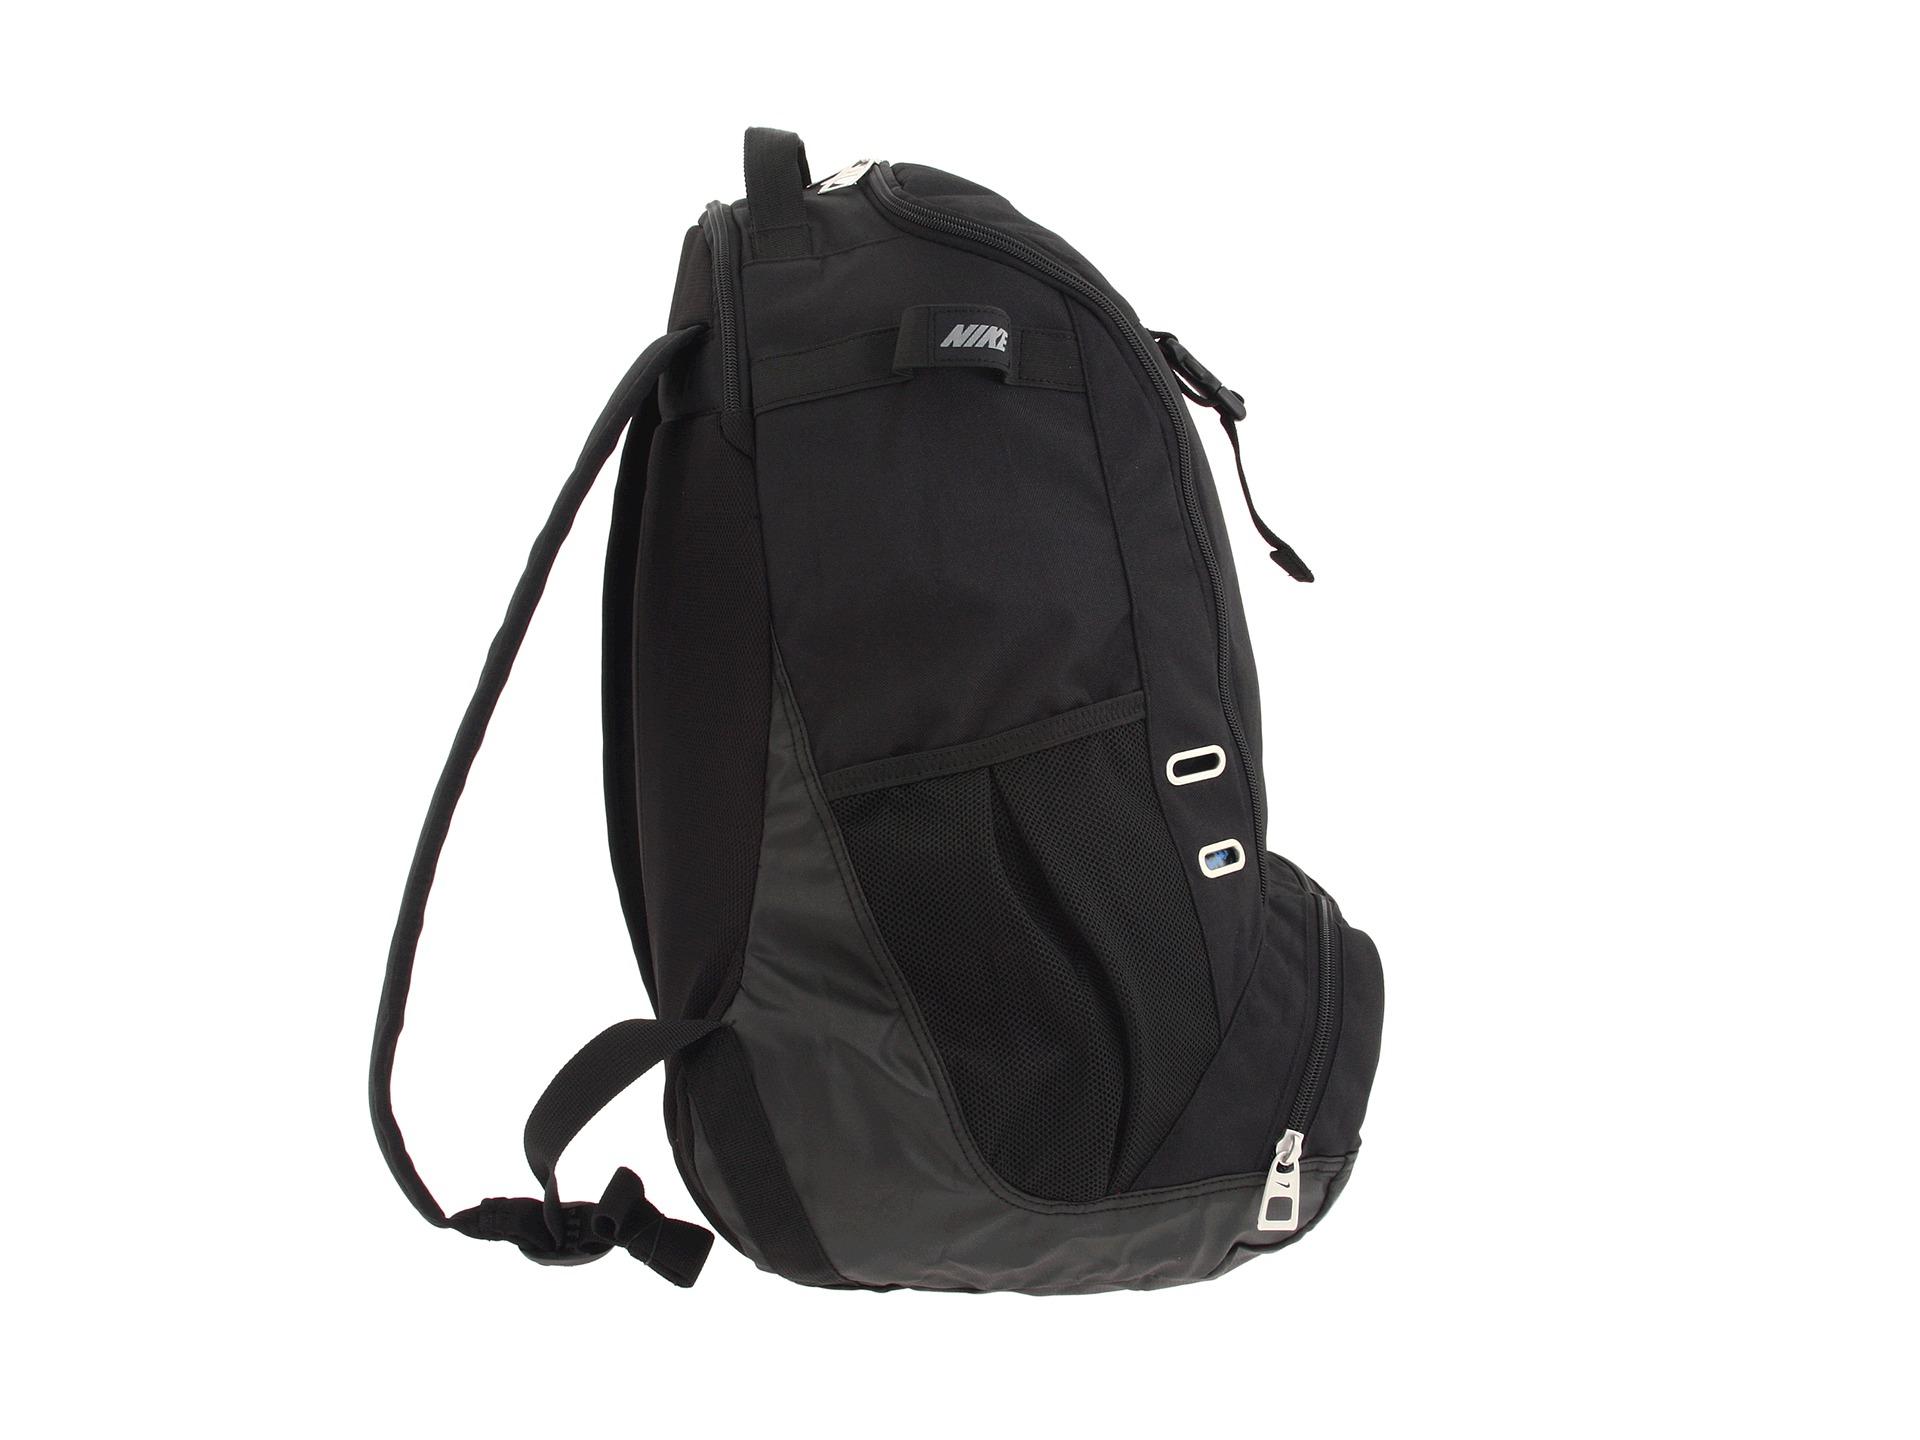 Lyst - Nike Baseball Backpack in Metallic